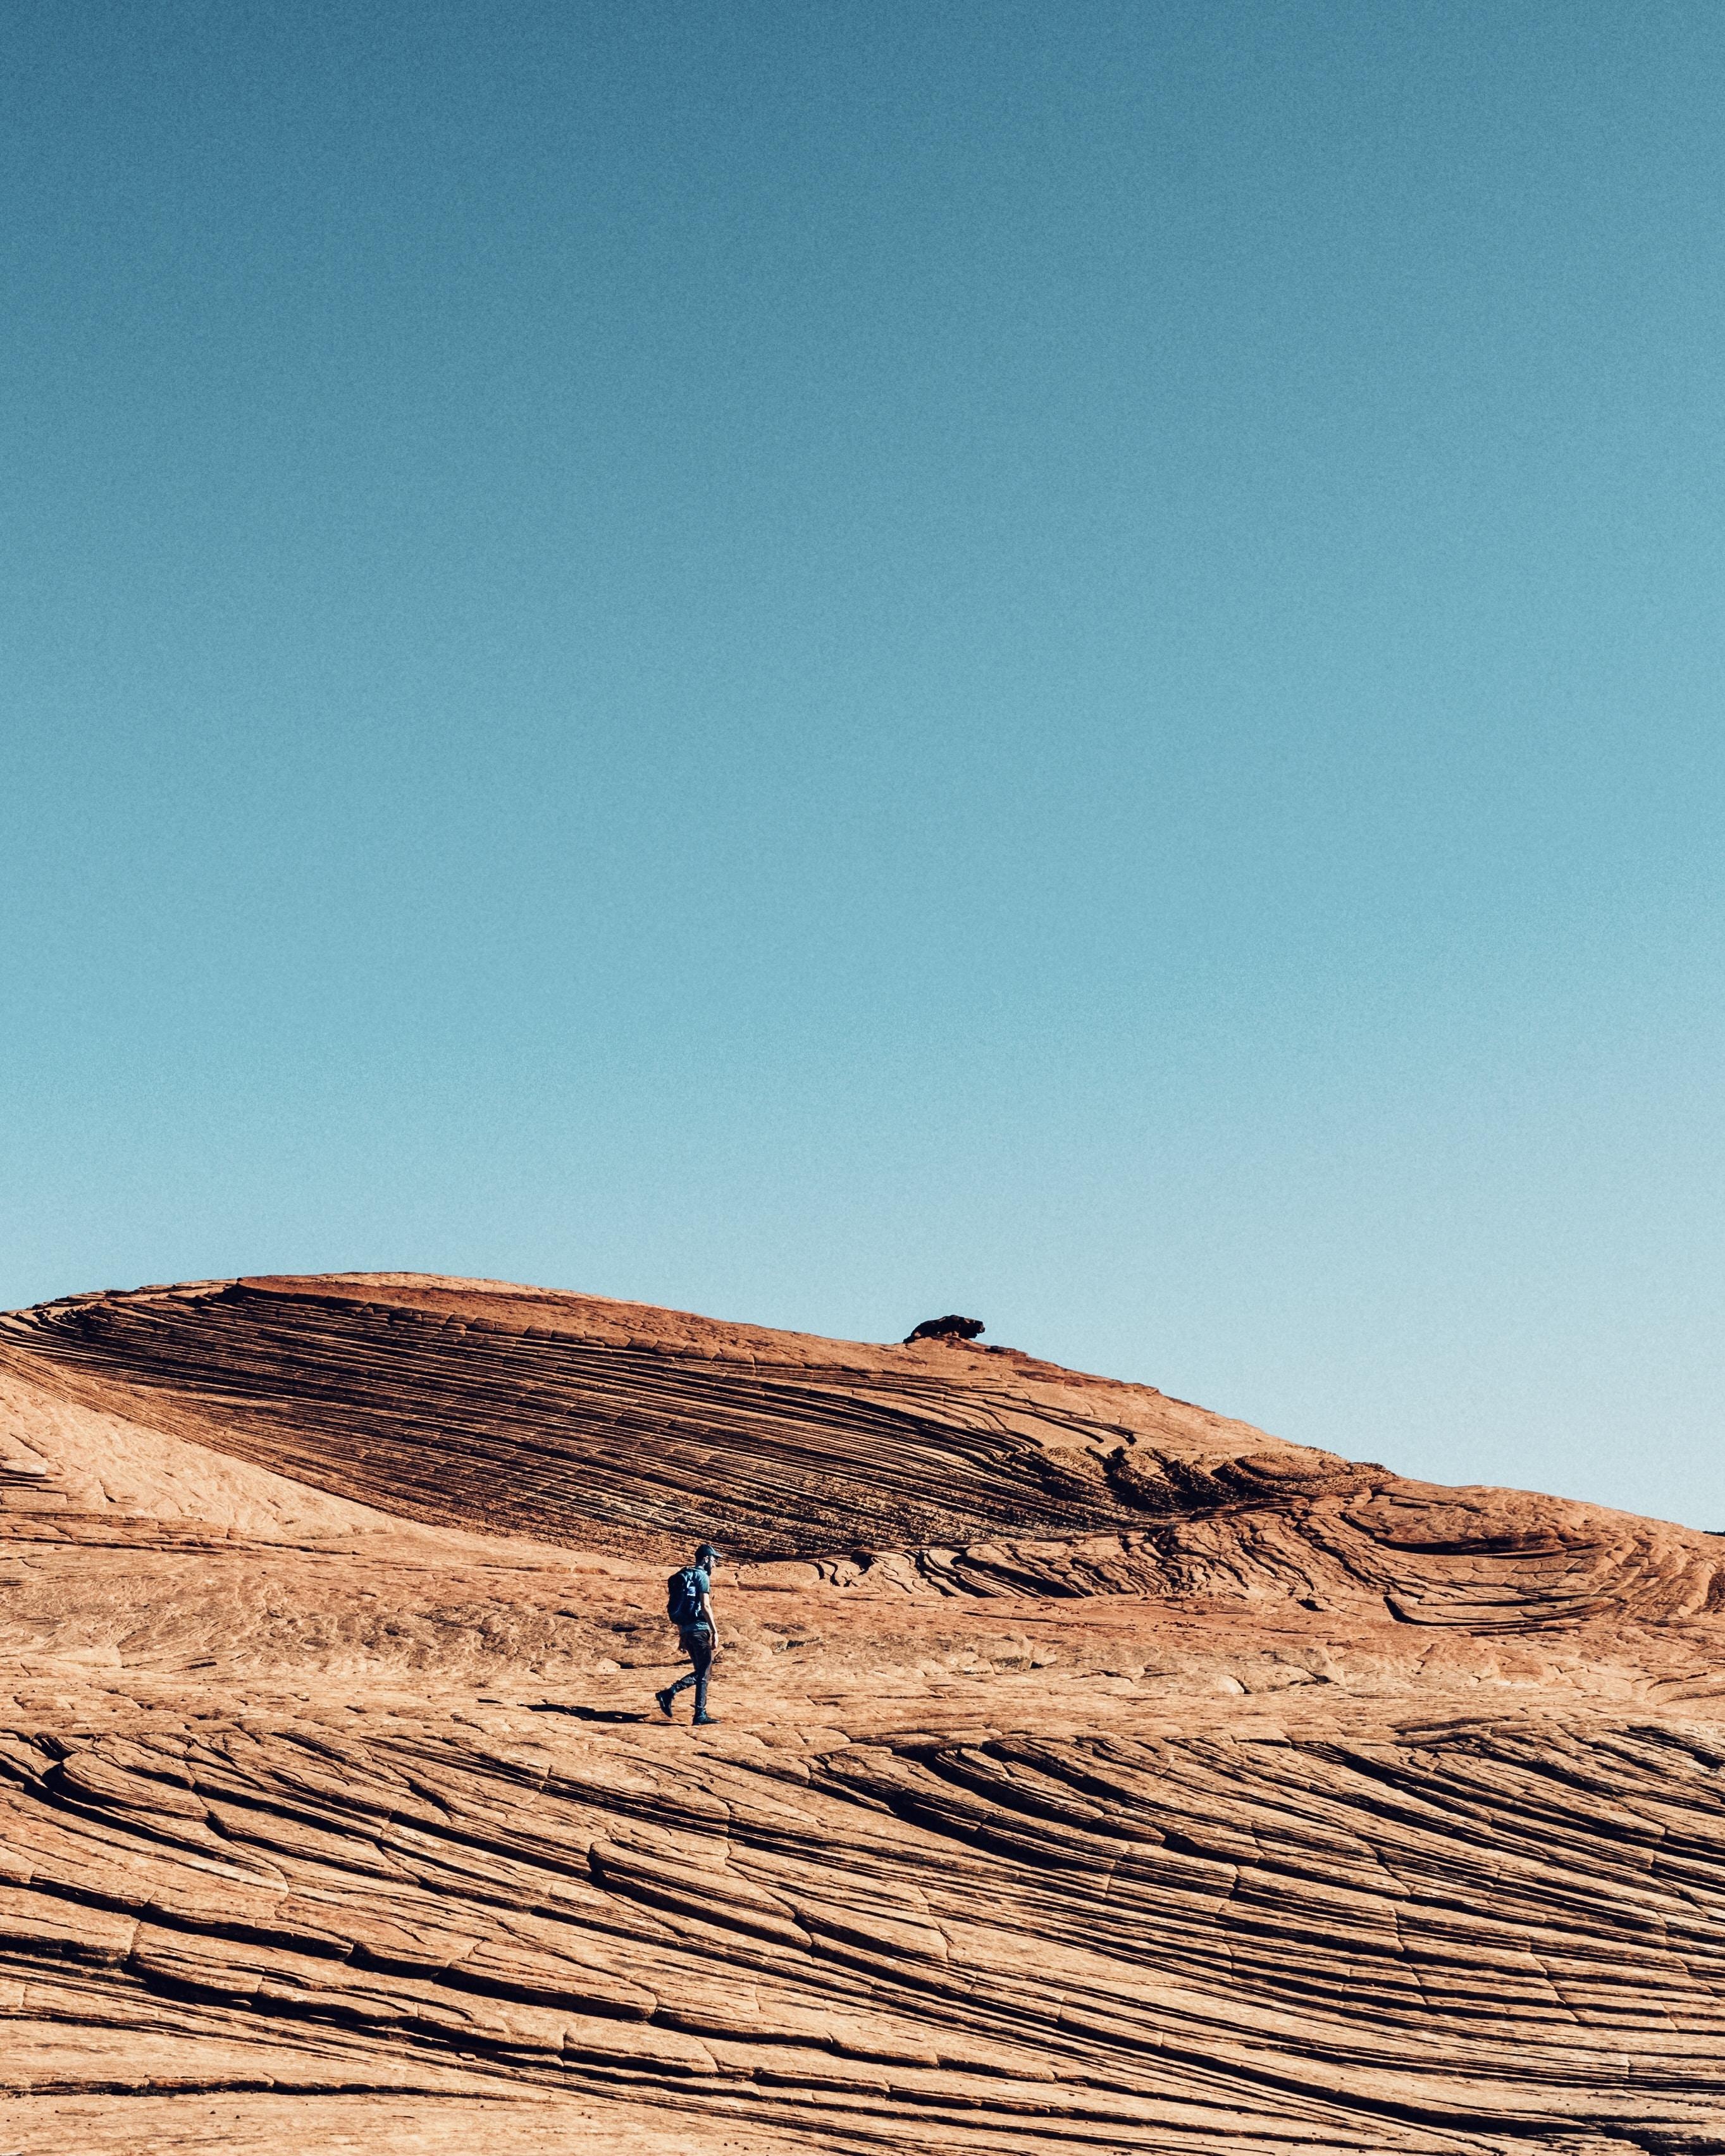 man walking on sand dune during daytime